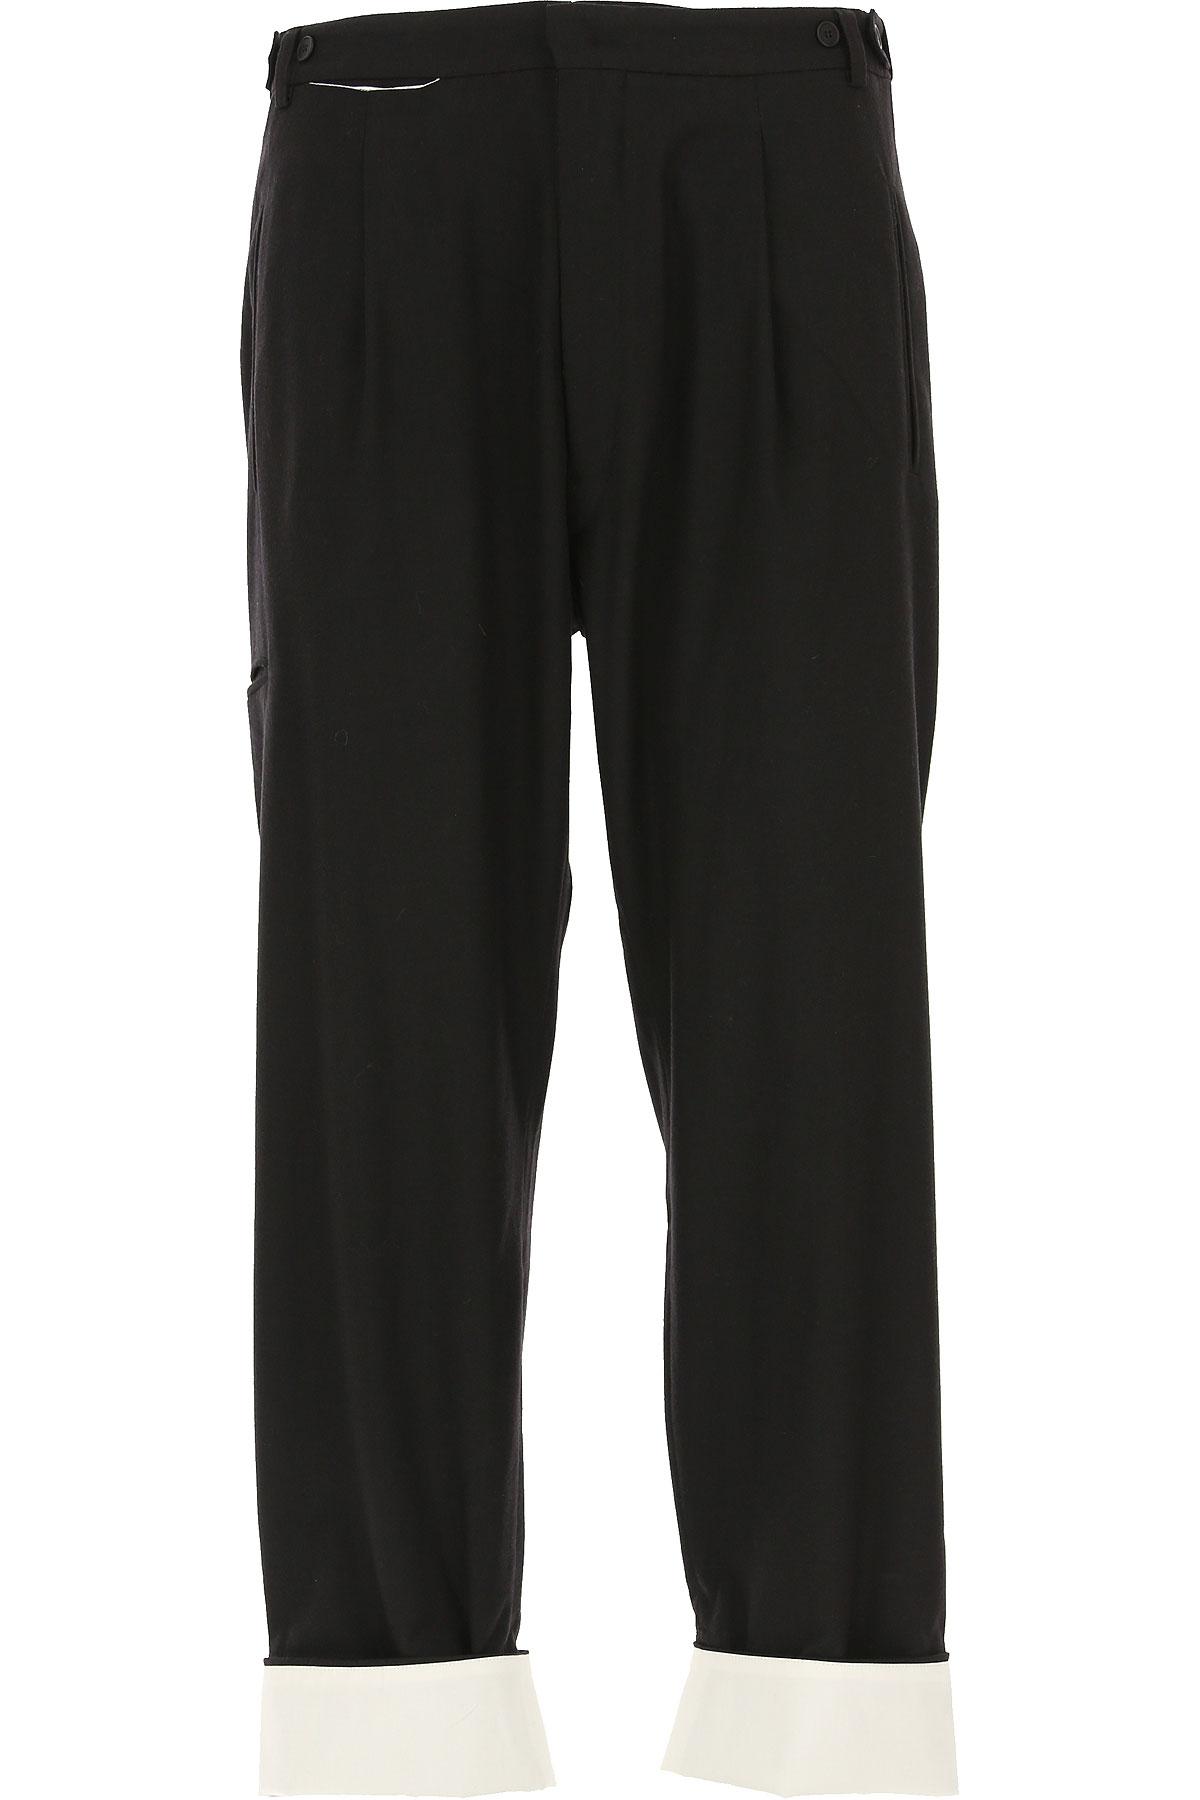 Maison Flaneur Pants for Men On Sale, Black, Viscose, 2019, 30 32 34